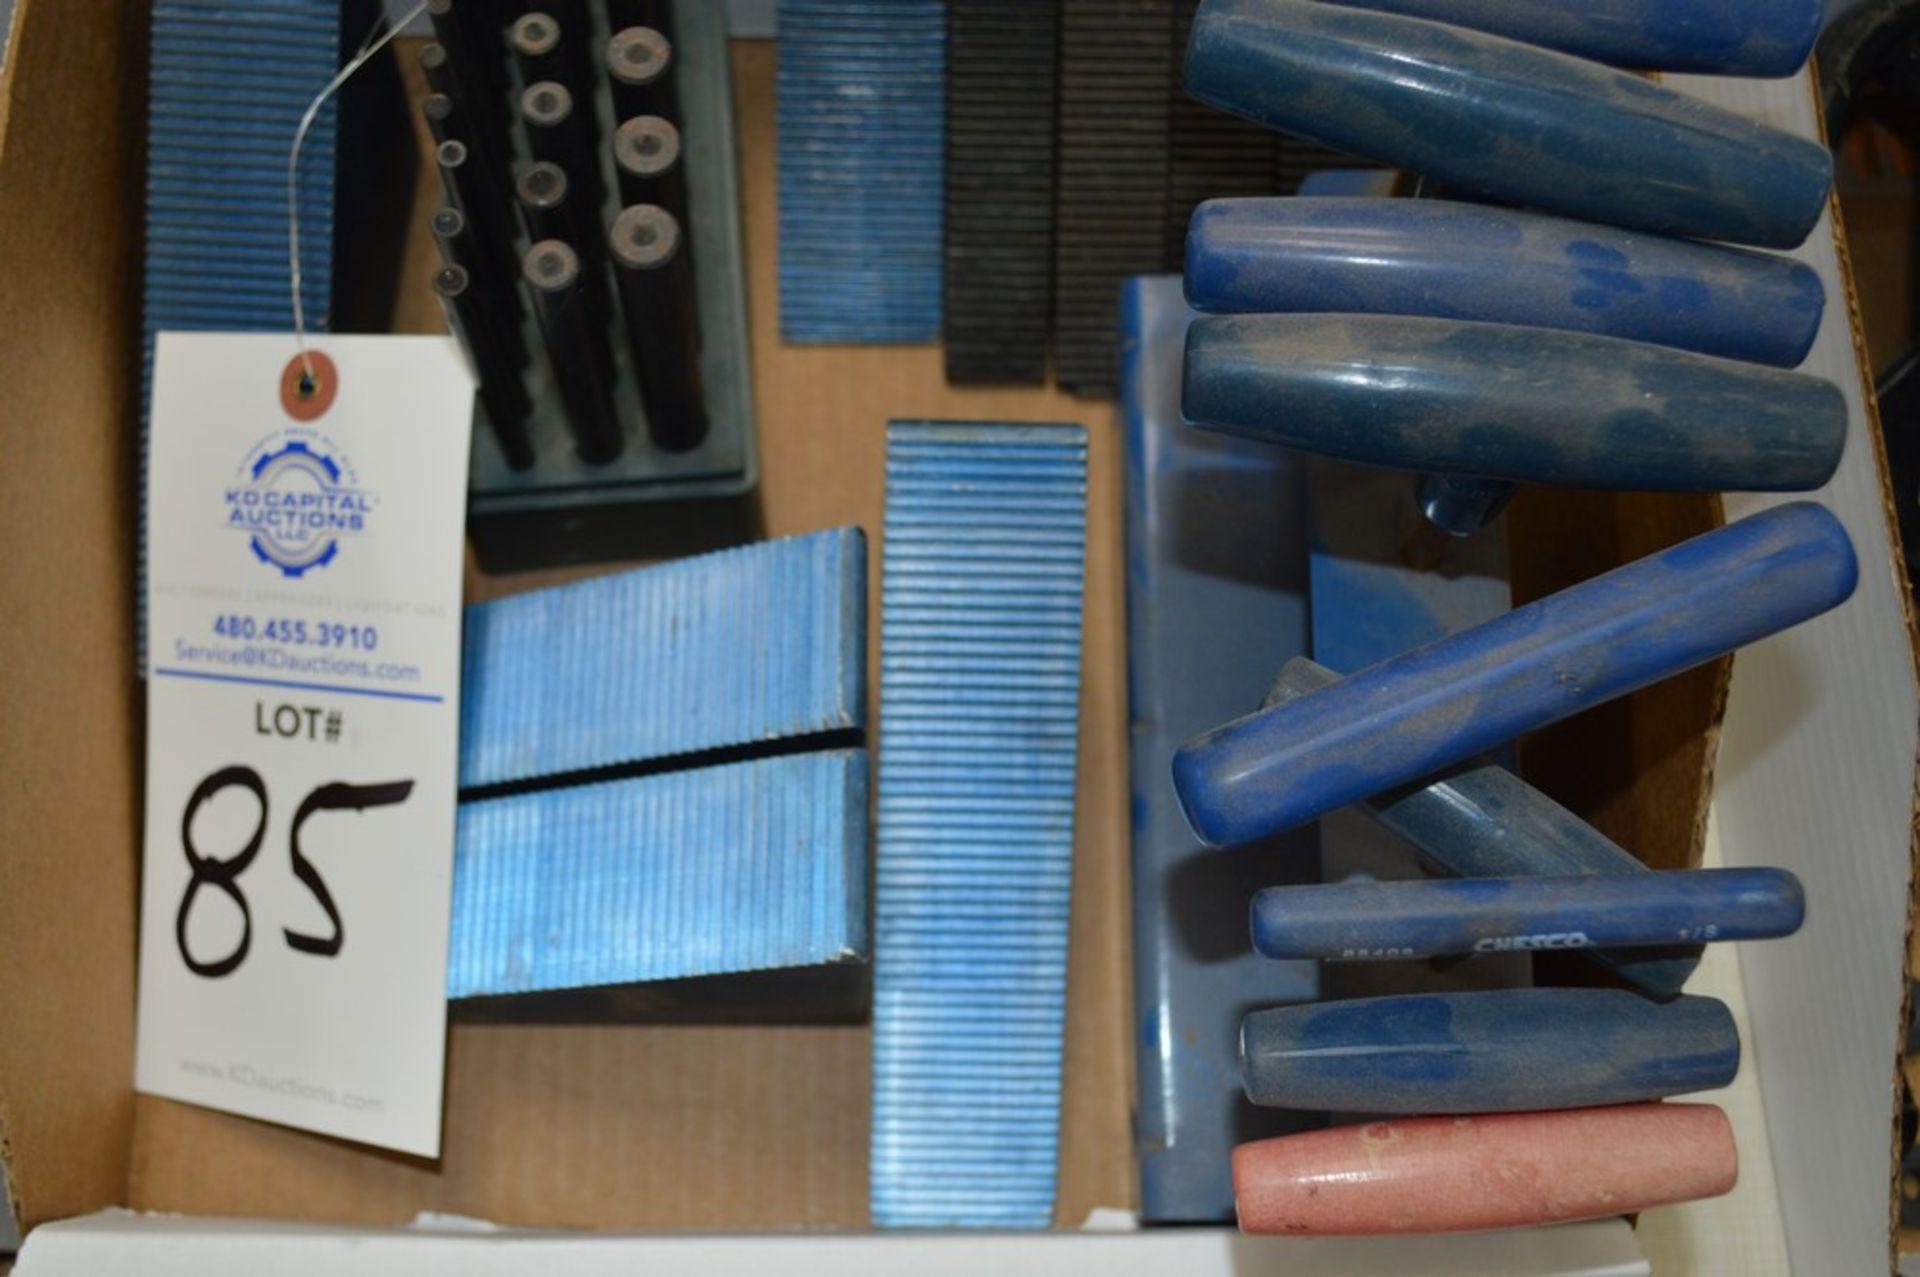 Plug gauges, T Handle hex tools, mill setup blocks - Image 3 of 4